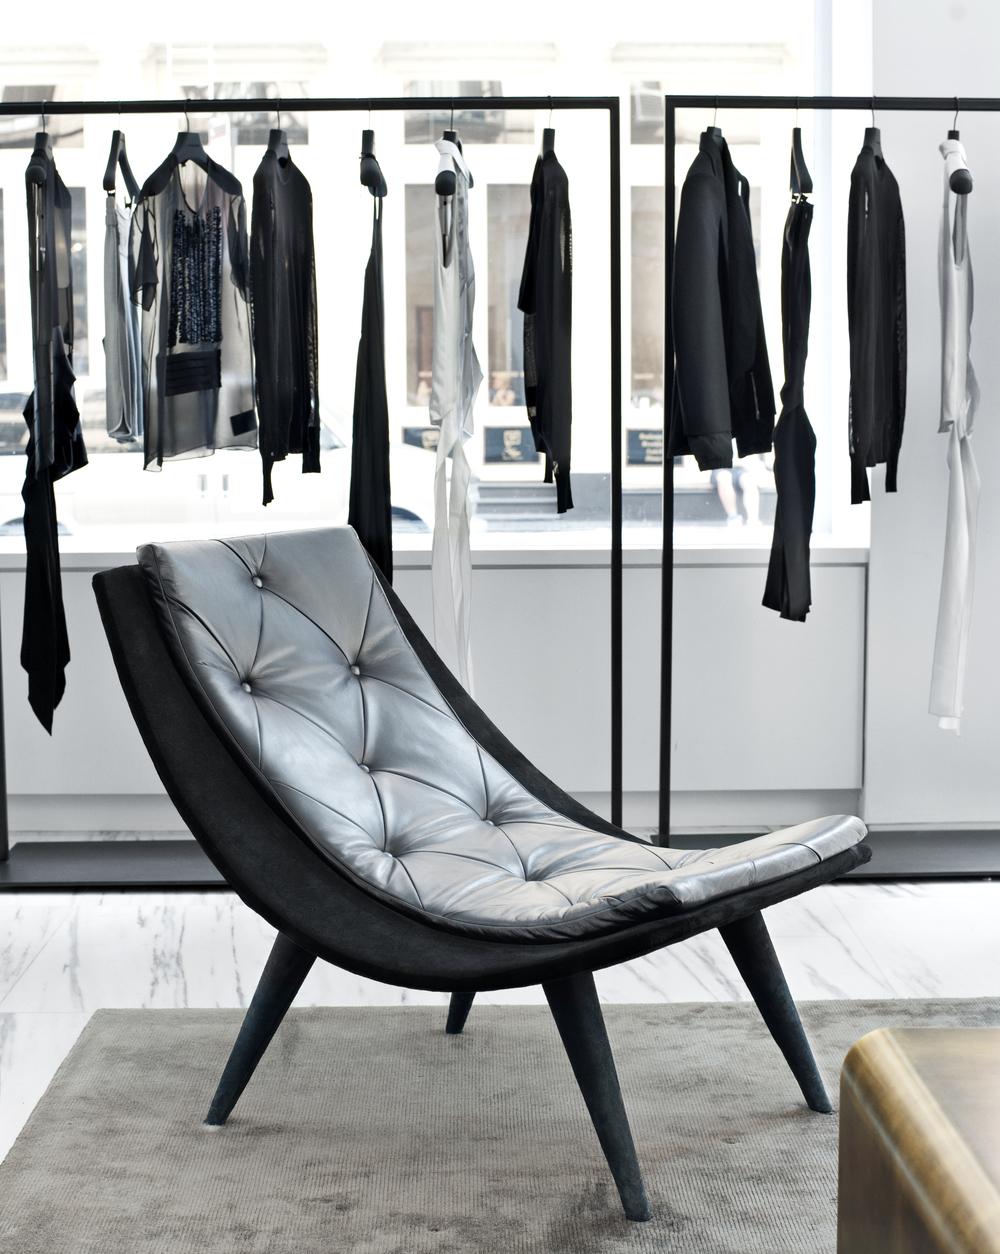 Chair_016.jpg